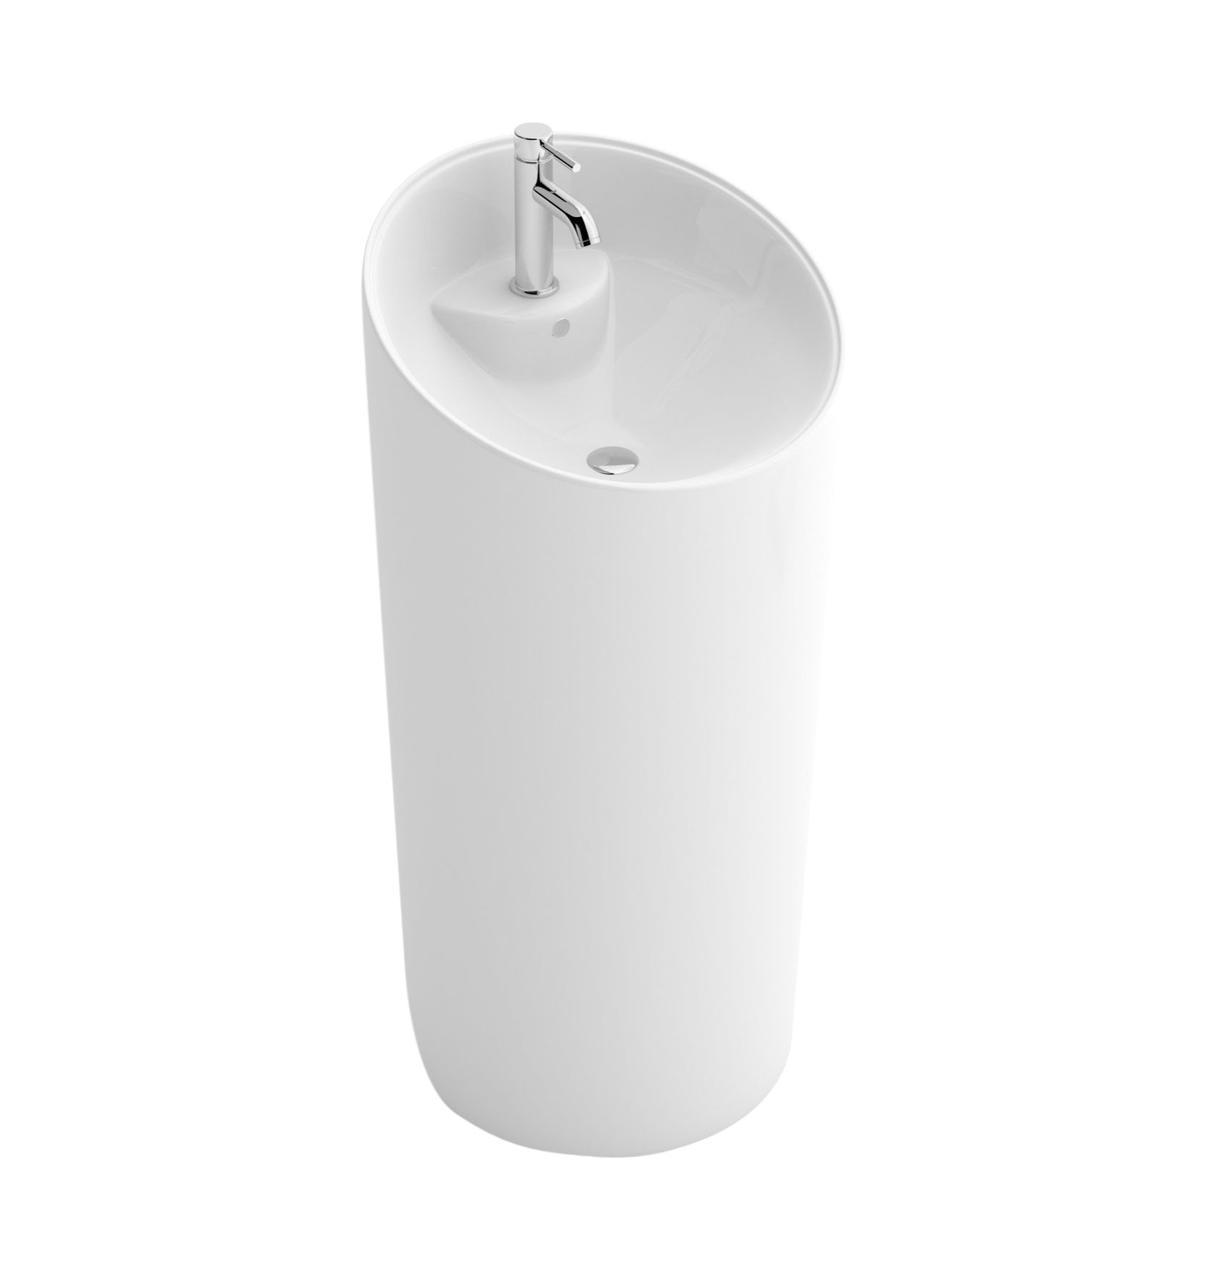 Умивальник (раковина) REA MOLLY підлоговий білий